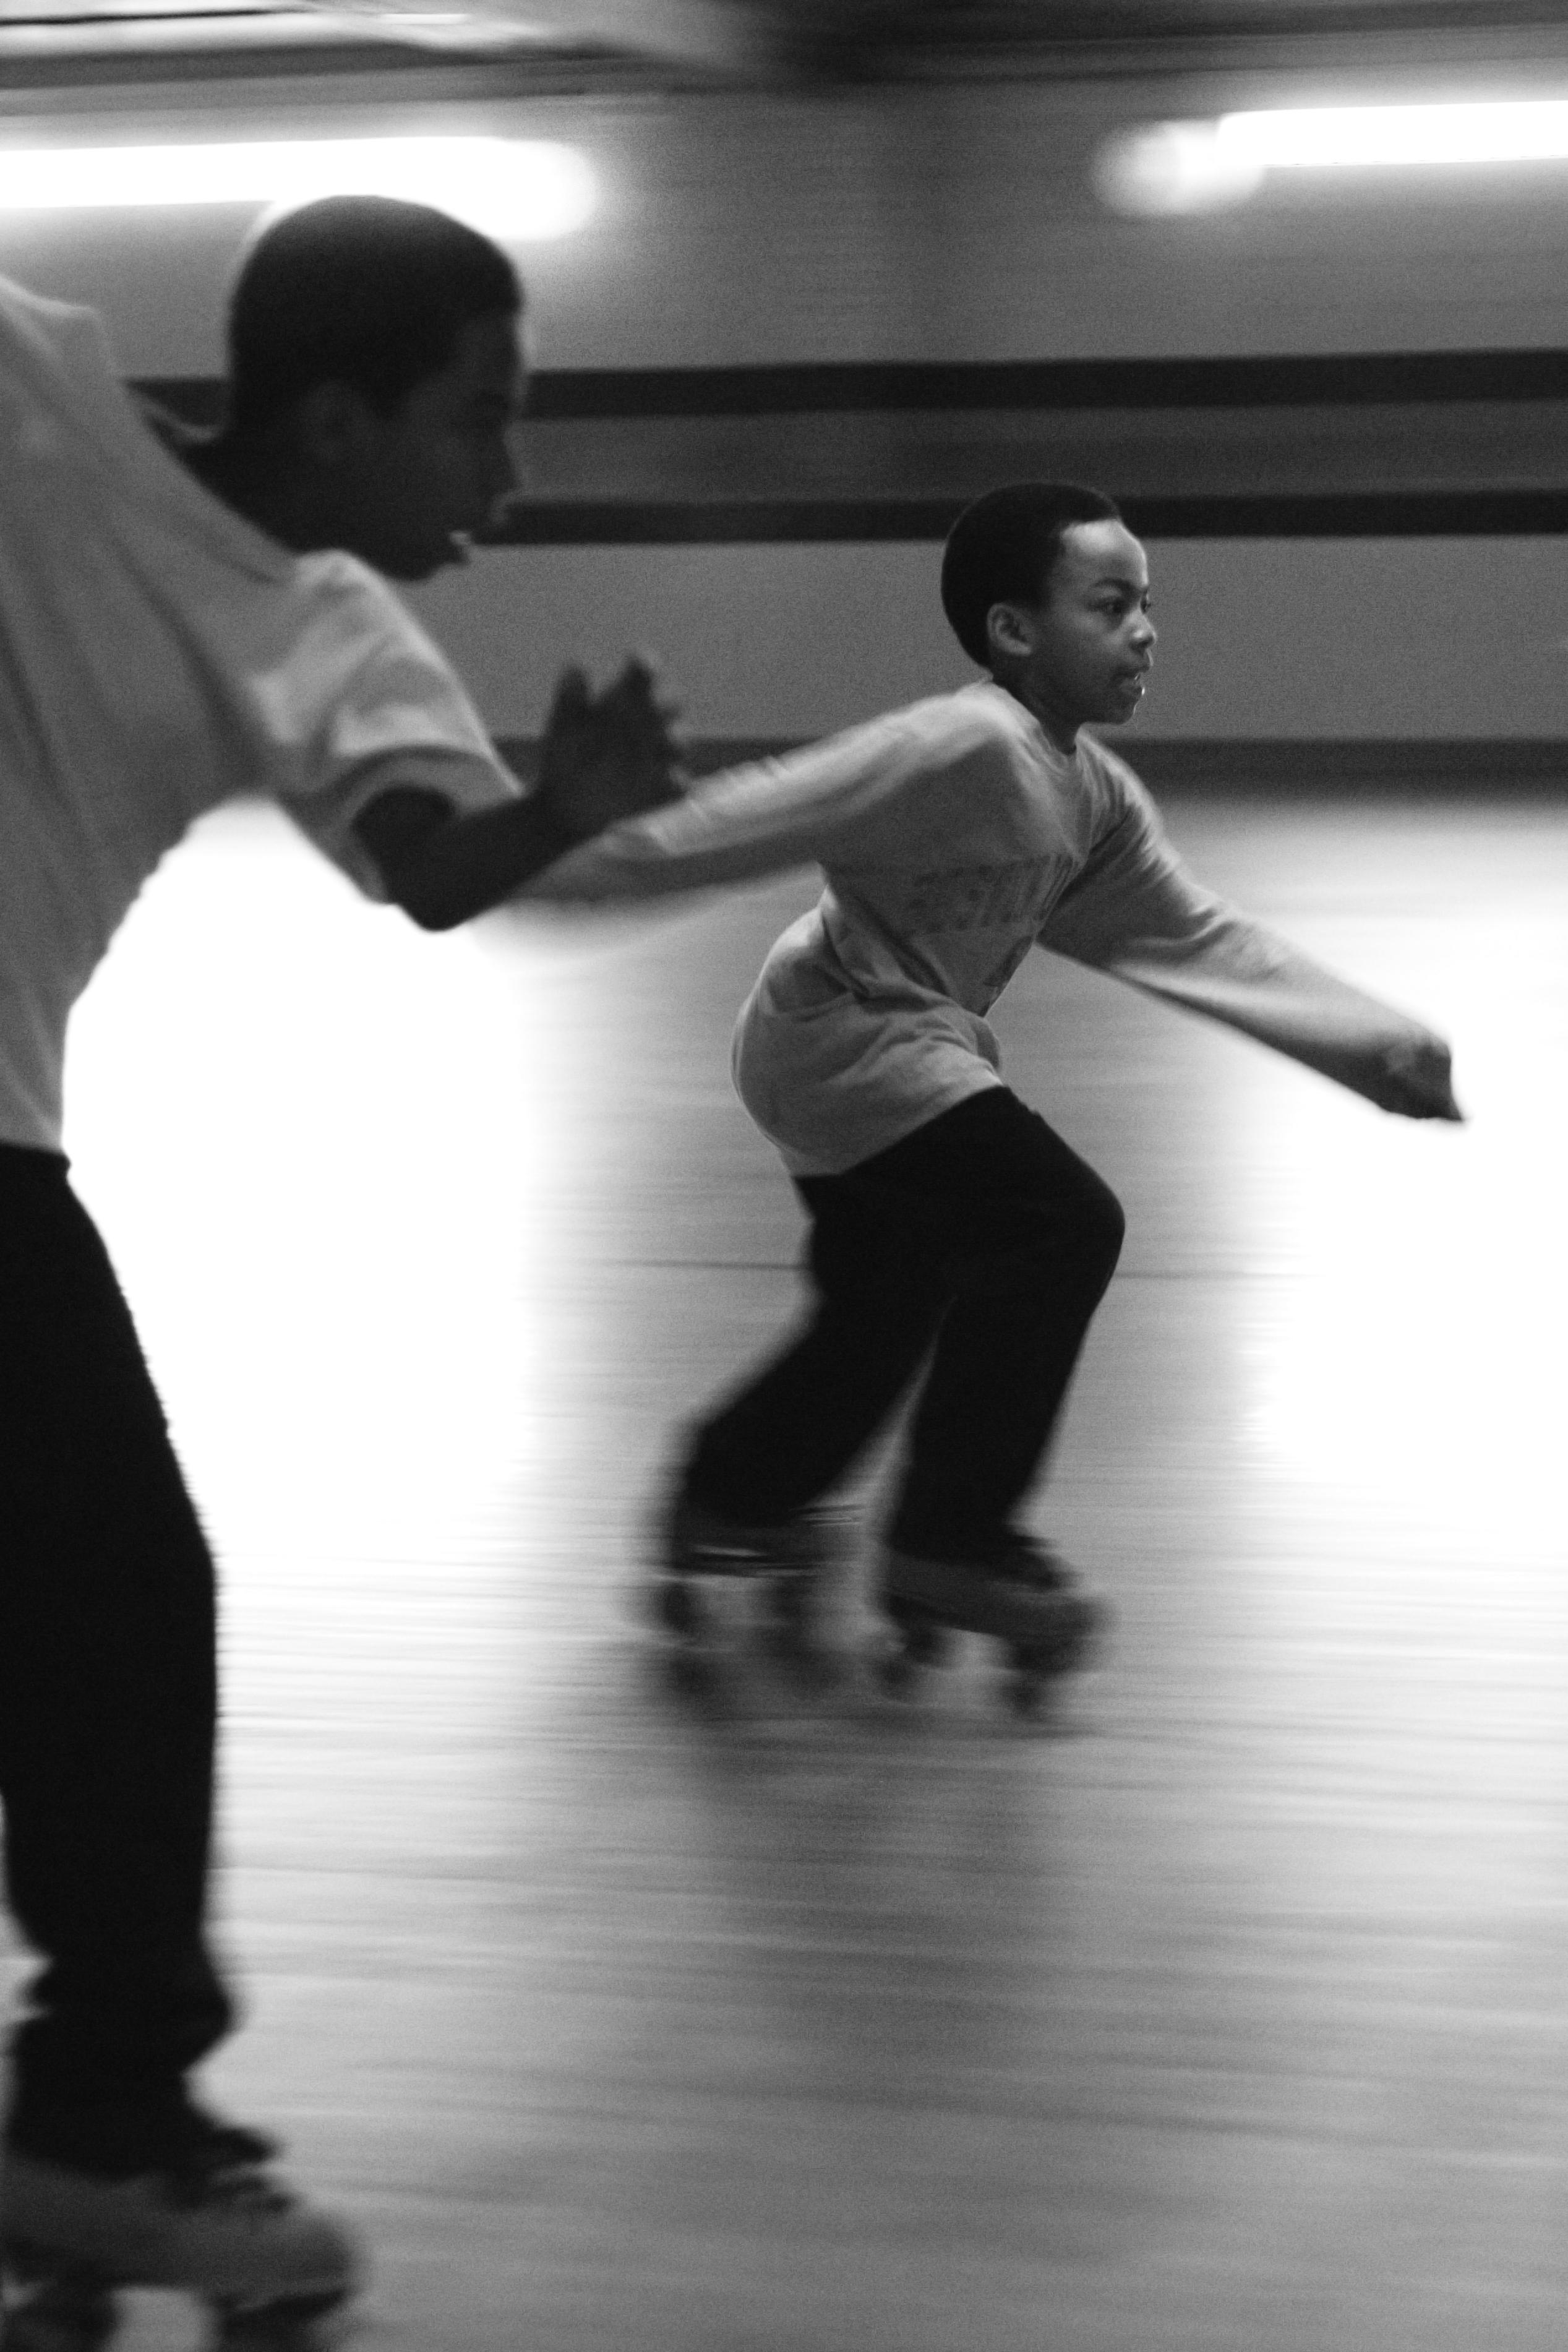 Roller skates york - Roller Skates York 21